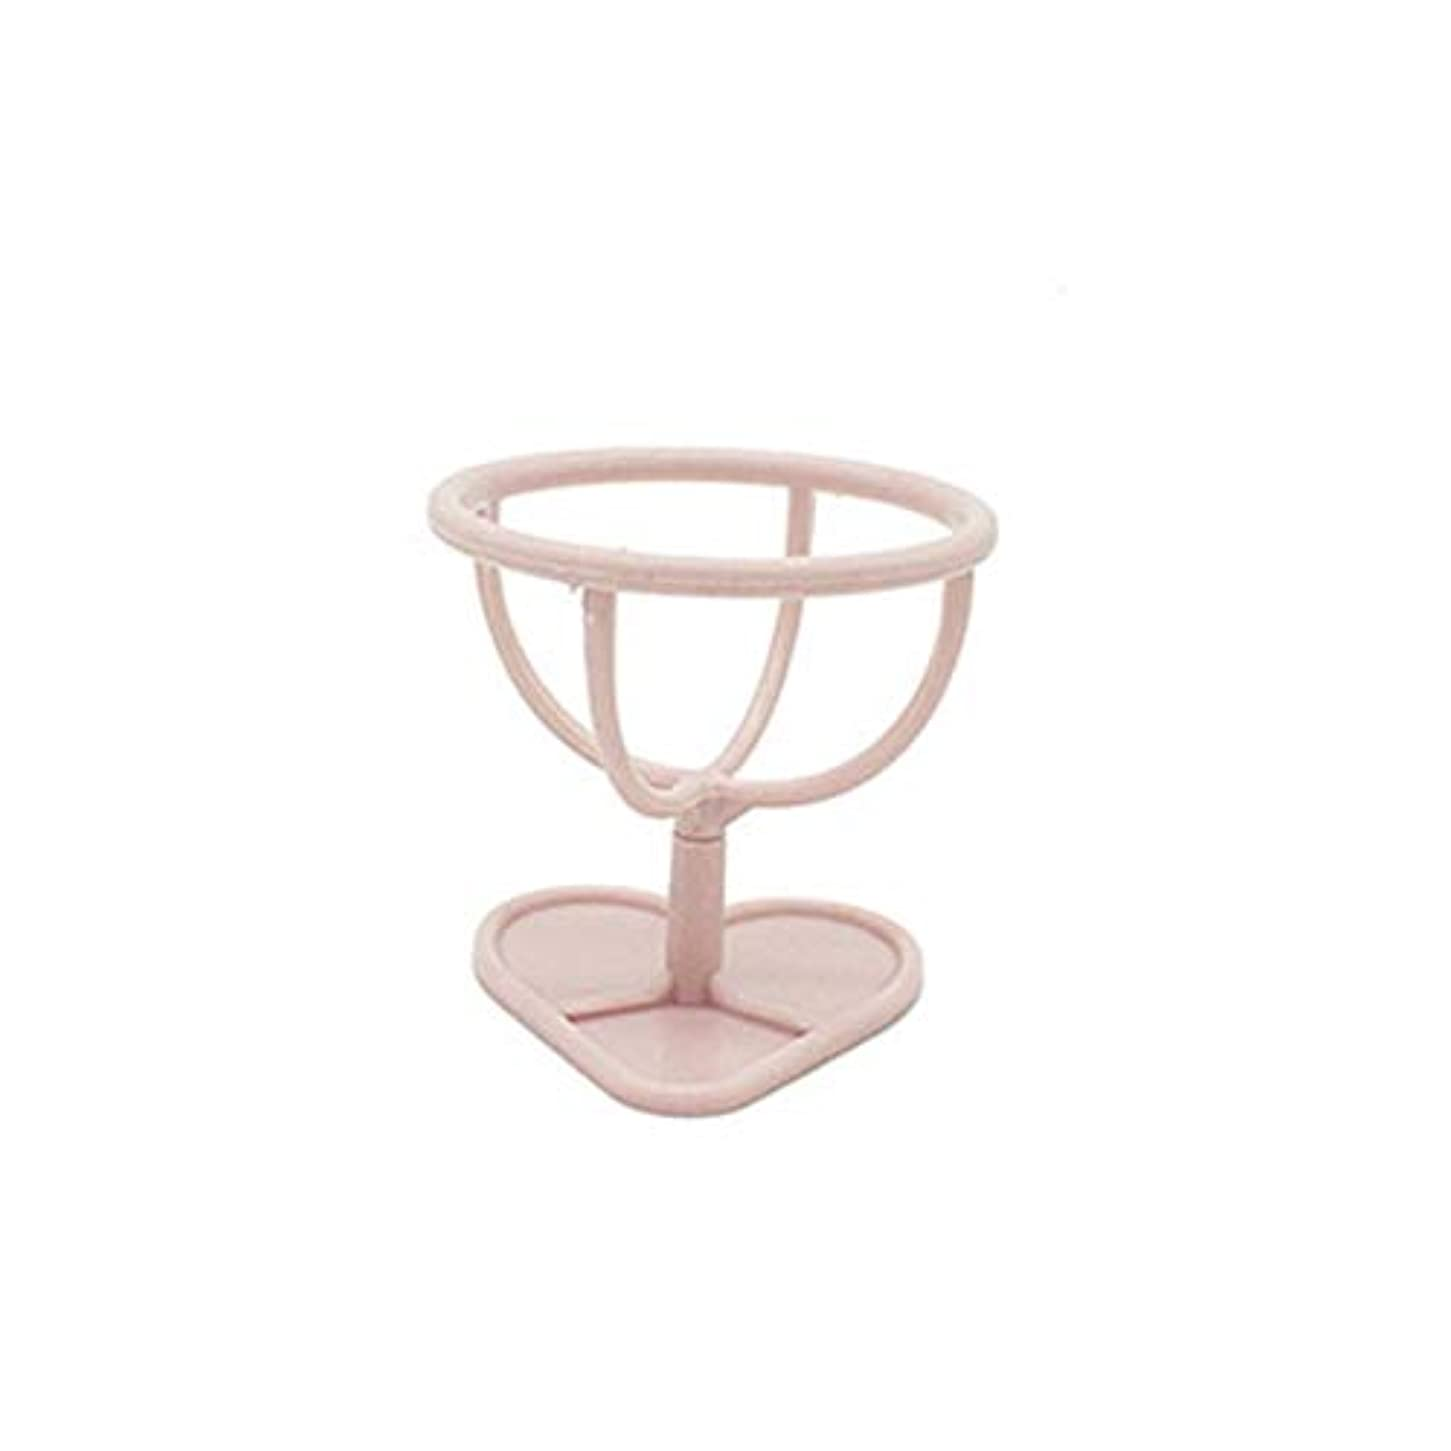 ペンシャーロックホームズ差し迫ったパフ美容メイクスポンジホルダー化粧品スポンジスタンド卵粉パフ収納ラックドライヤー化粧オーガナイザー棚ツールキット(Color:pink)